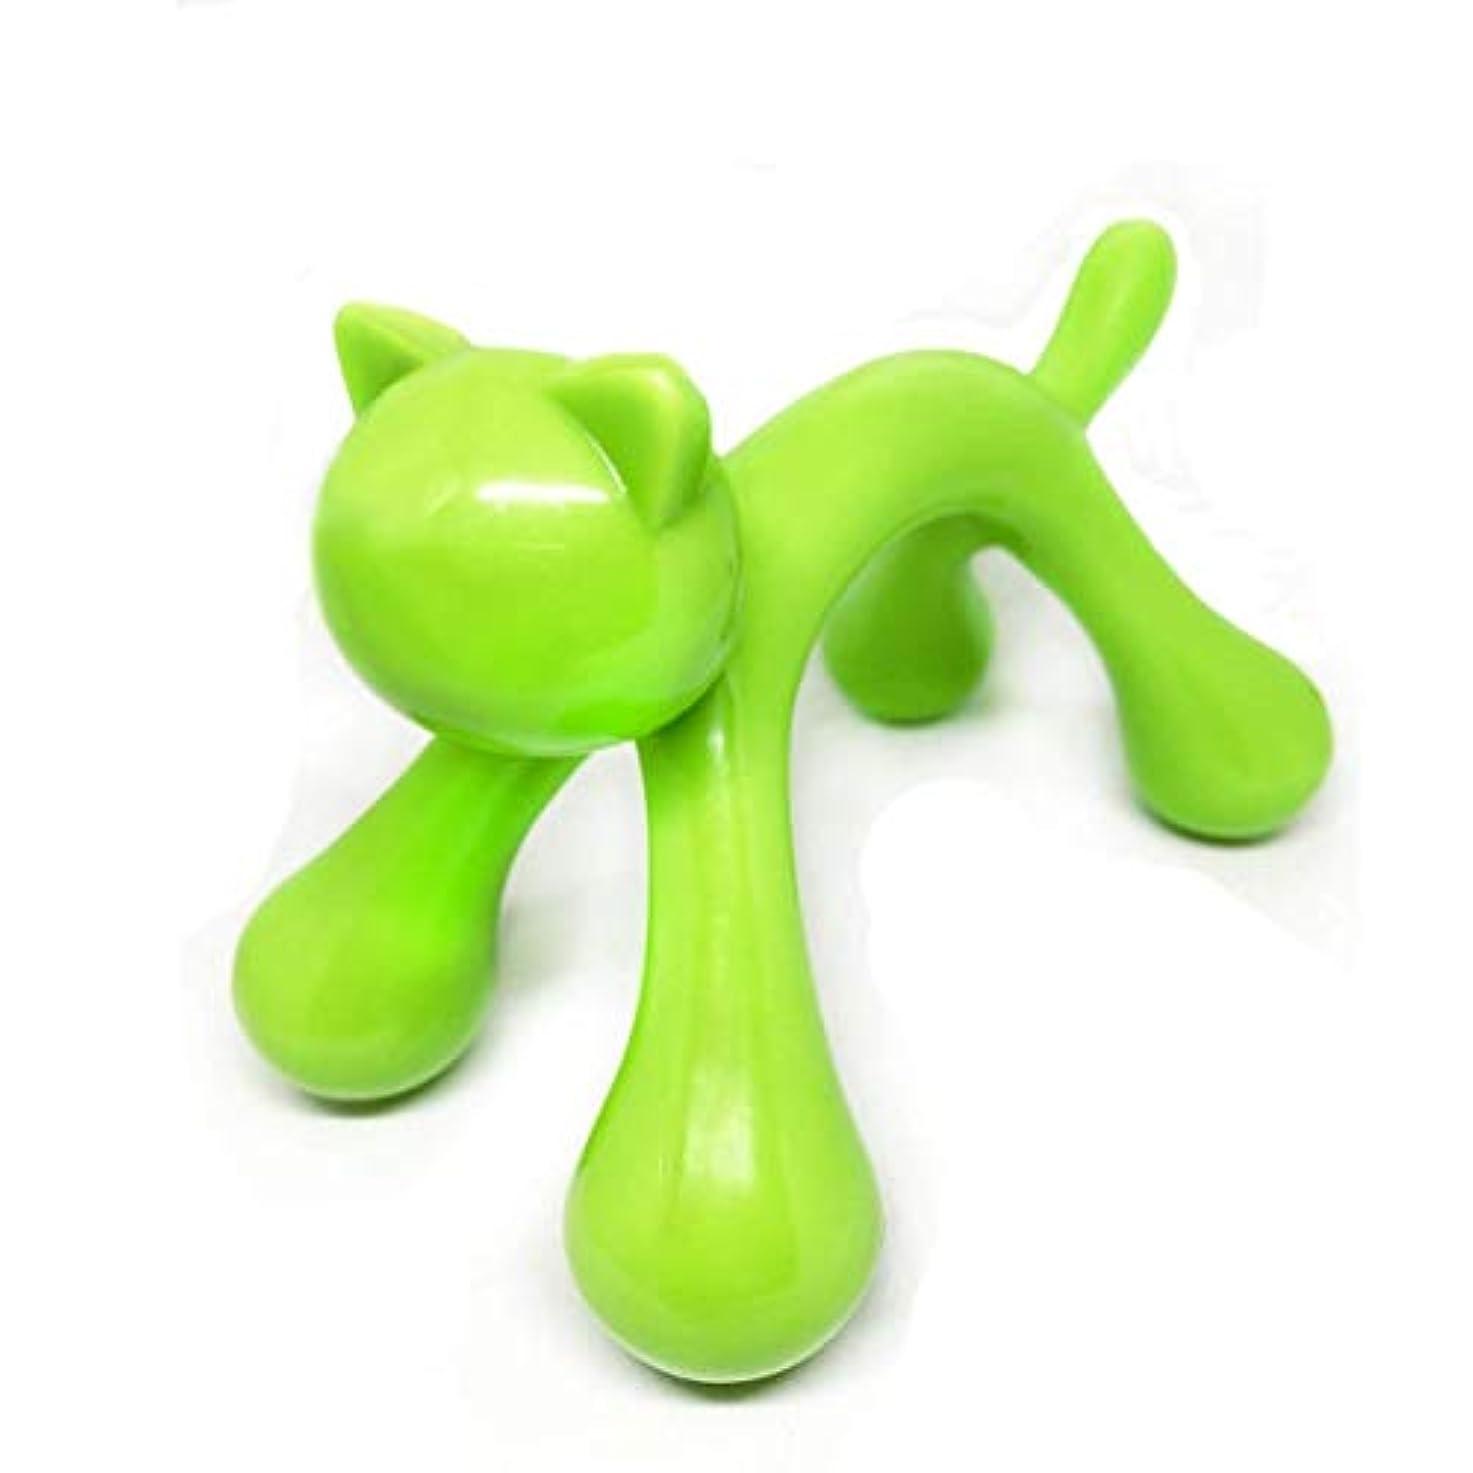 パッチワークショップ穀物Flymylion マッサージ棒 ツボ押しマッサージ台 握りタイプ 背中 ウッド 疲労回復 ハンド 背中 首 肩こり解消 可愛いネコ型 (グリーン)